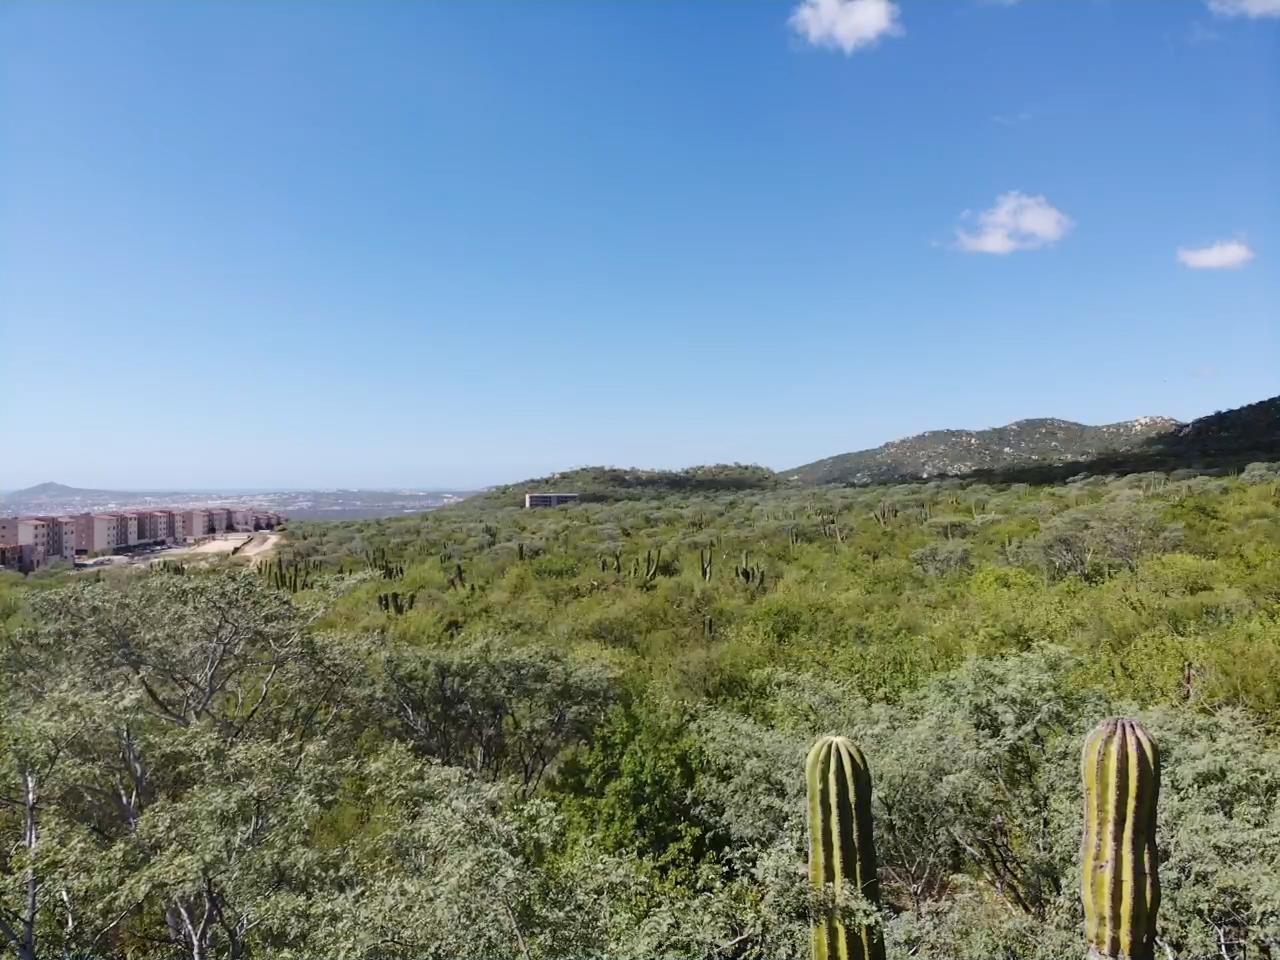 #228Z6 Ejido de Cabo San Lucas Parce P1 3, Cabo Corridor